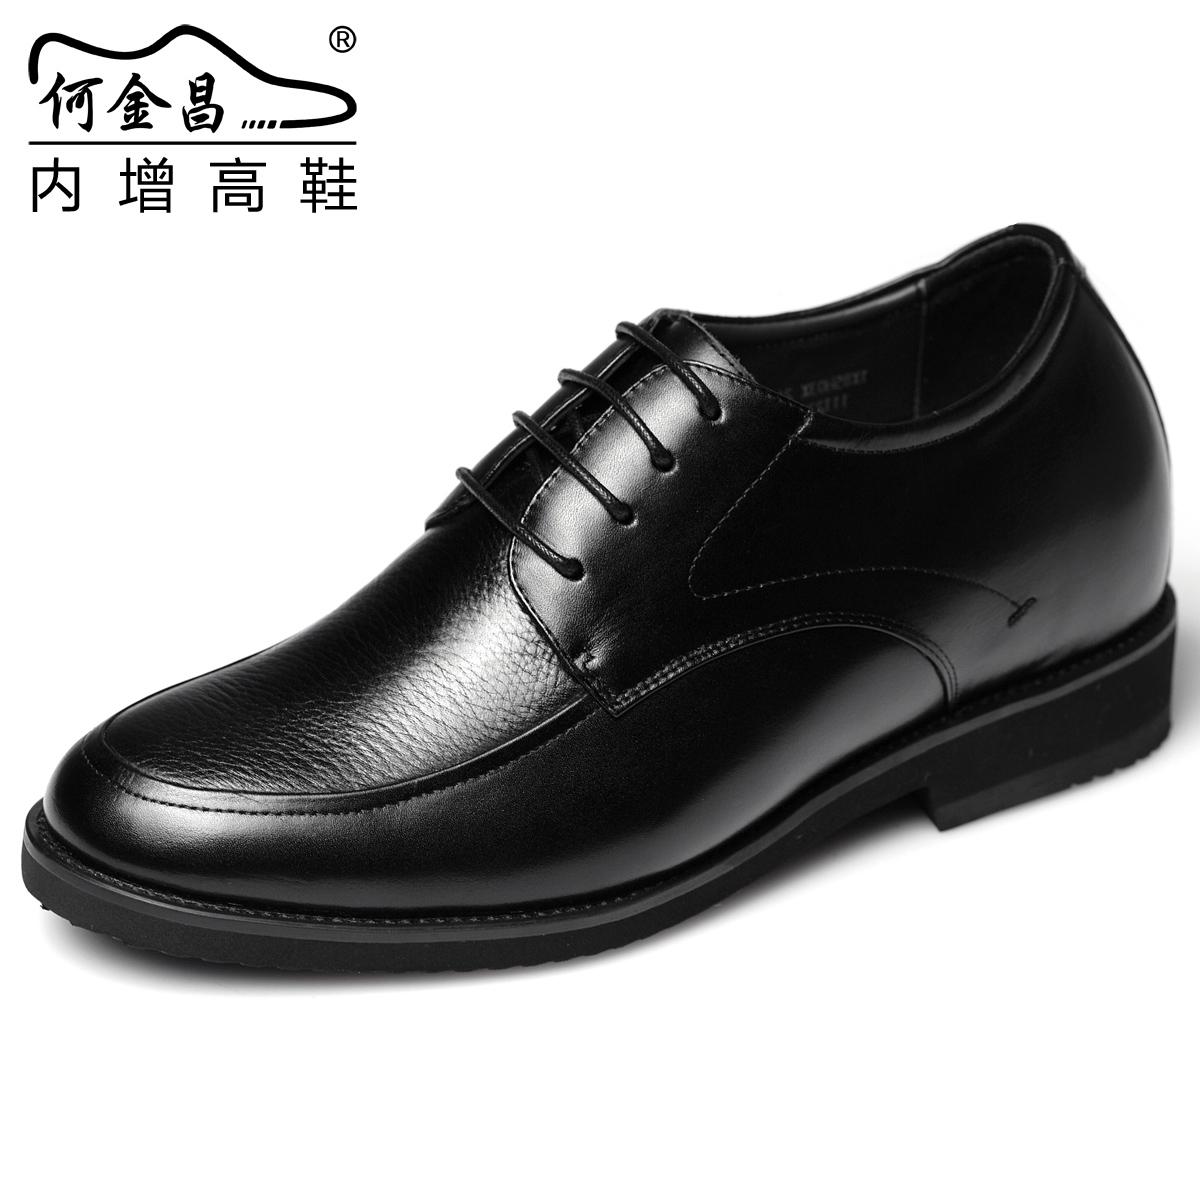 精品订做何金昌男士内增高鞋高档商务正装鹿皮鞋男英伦皮鞋7CM